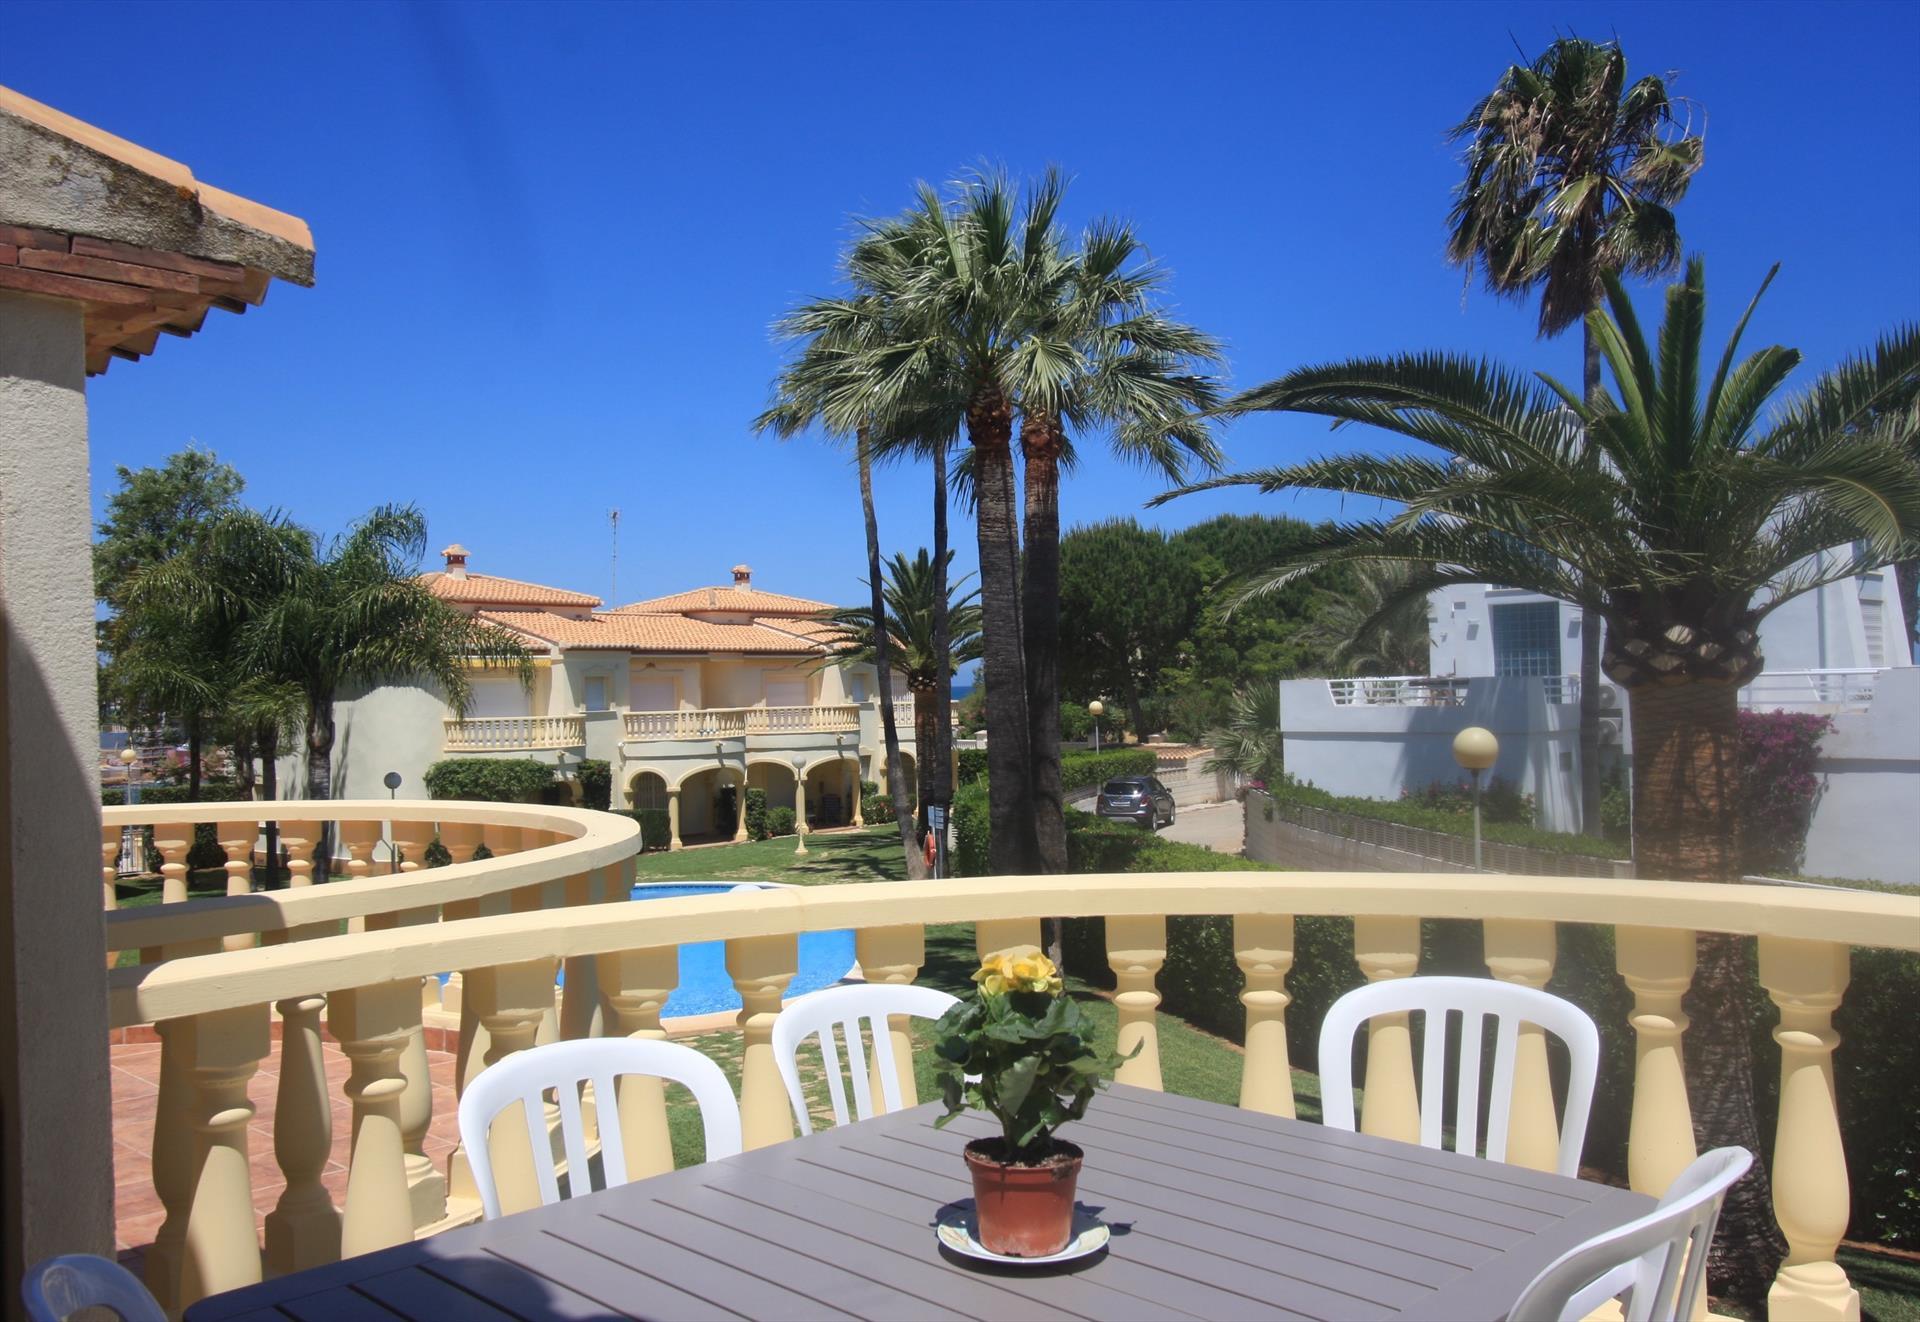 Casa stella apartamento,Appartement  met gemeenschappelijk zwembad in Denia, aan de Costa Blanca, Spanje voor 5 personen...